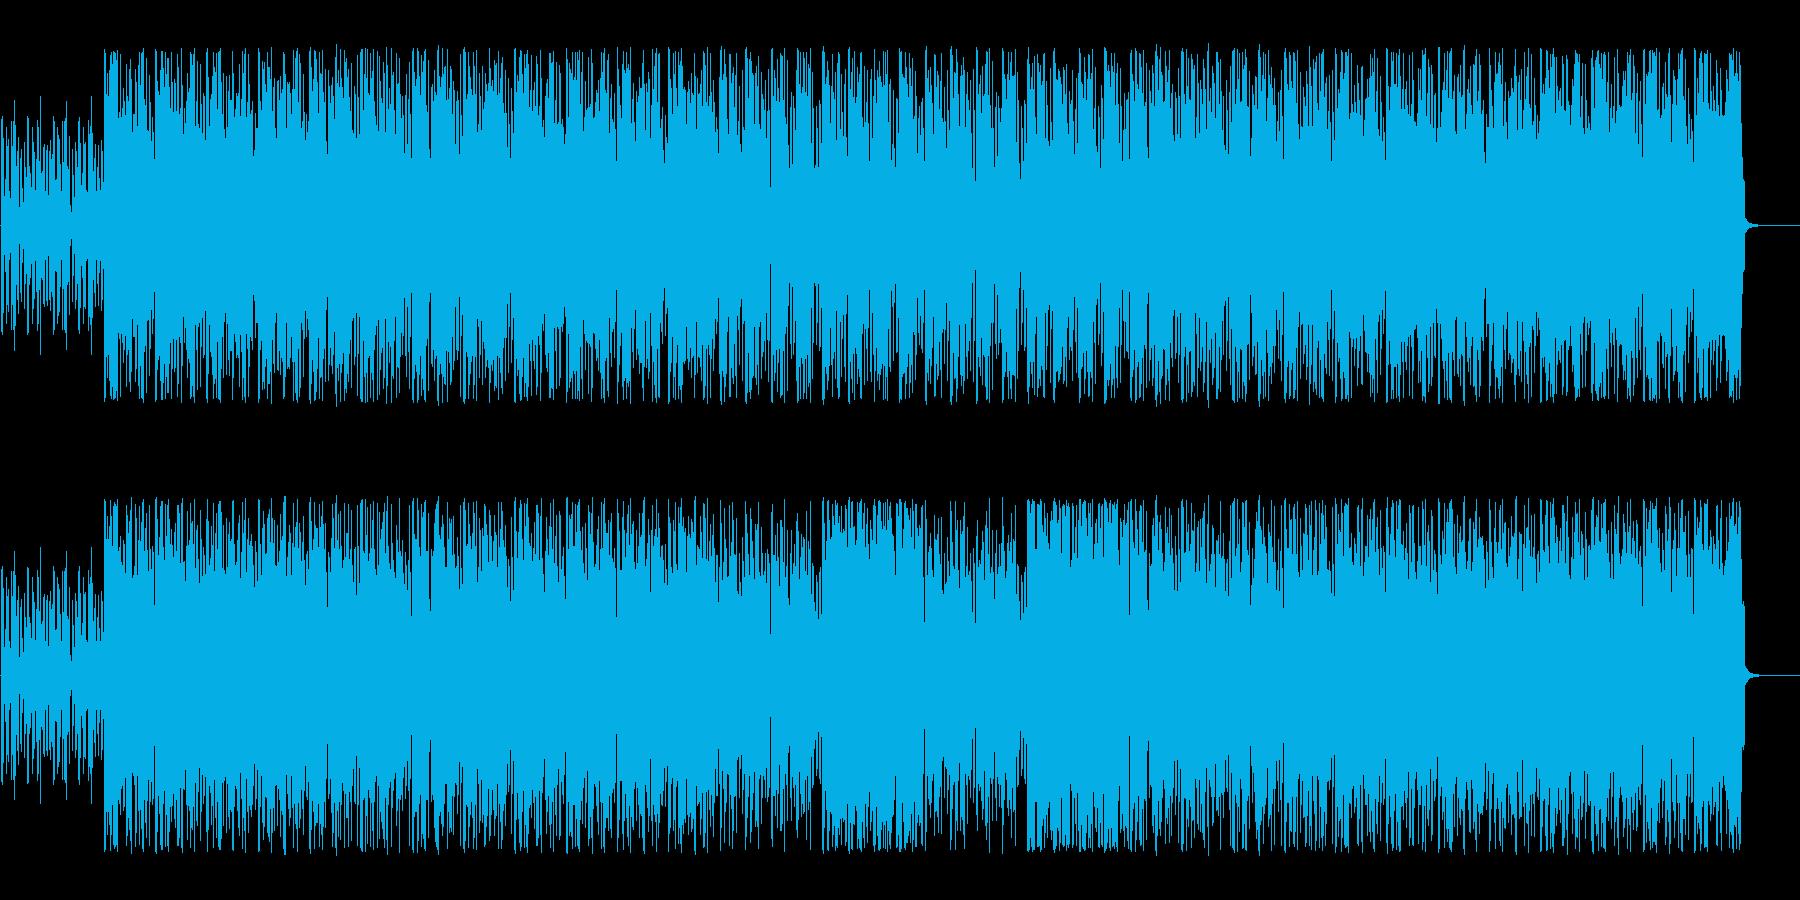 ガムラン等による奇異なケルト音楽の再生済みの波形